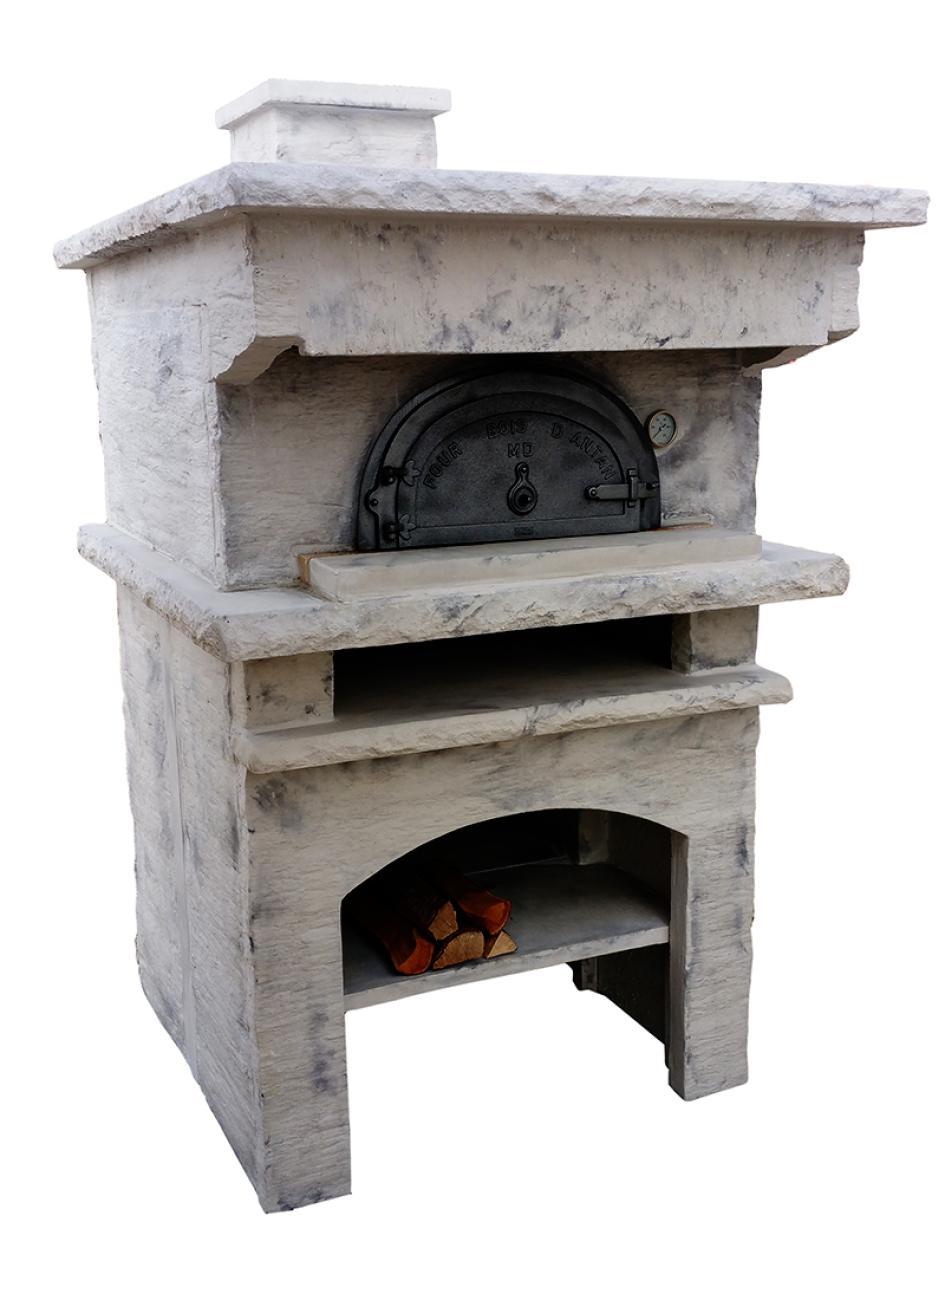 Four bois d antan 8575 en fonte habillage pierre for Four a bois exterieur prix